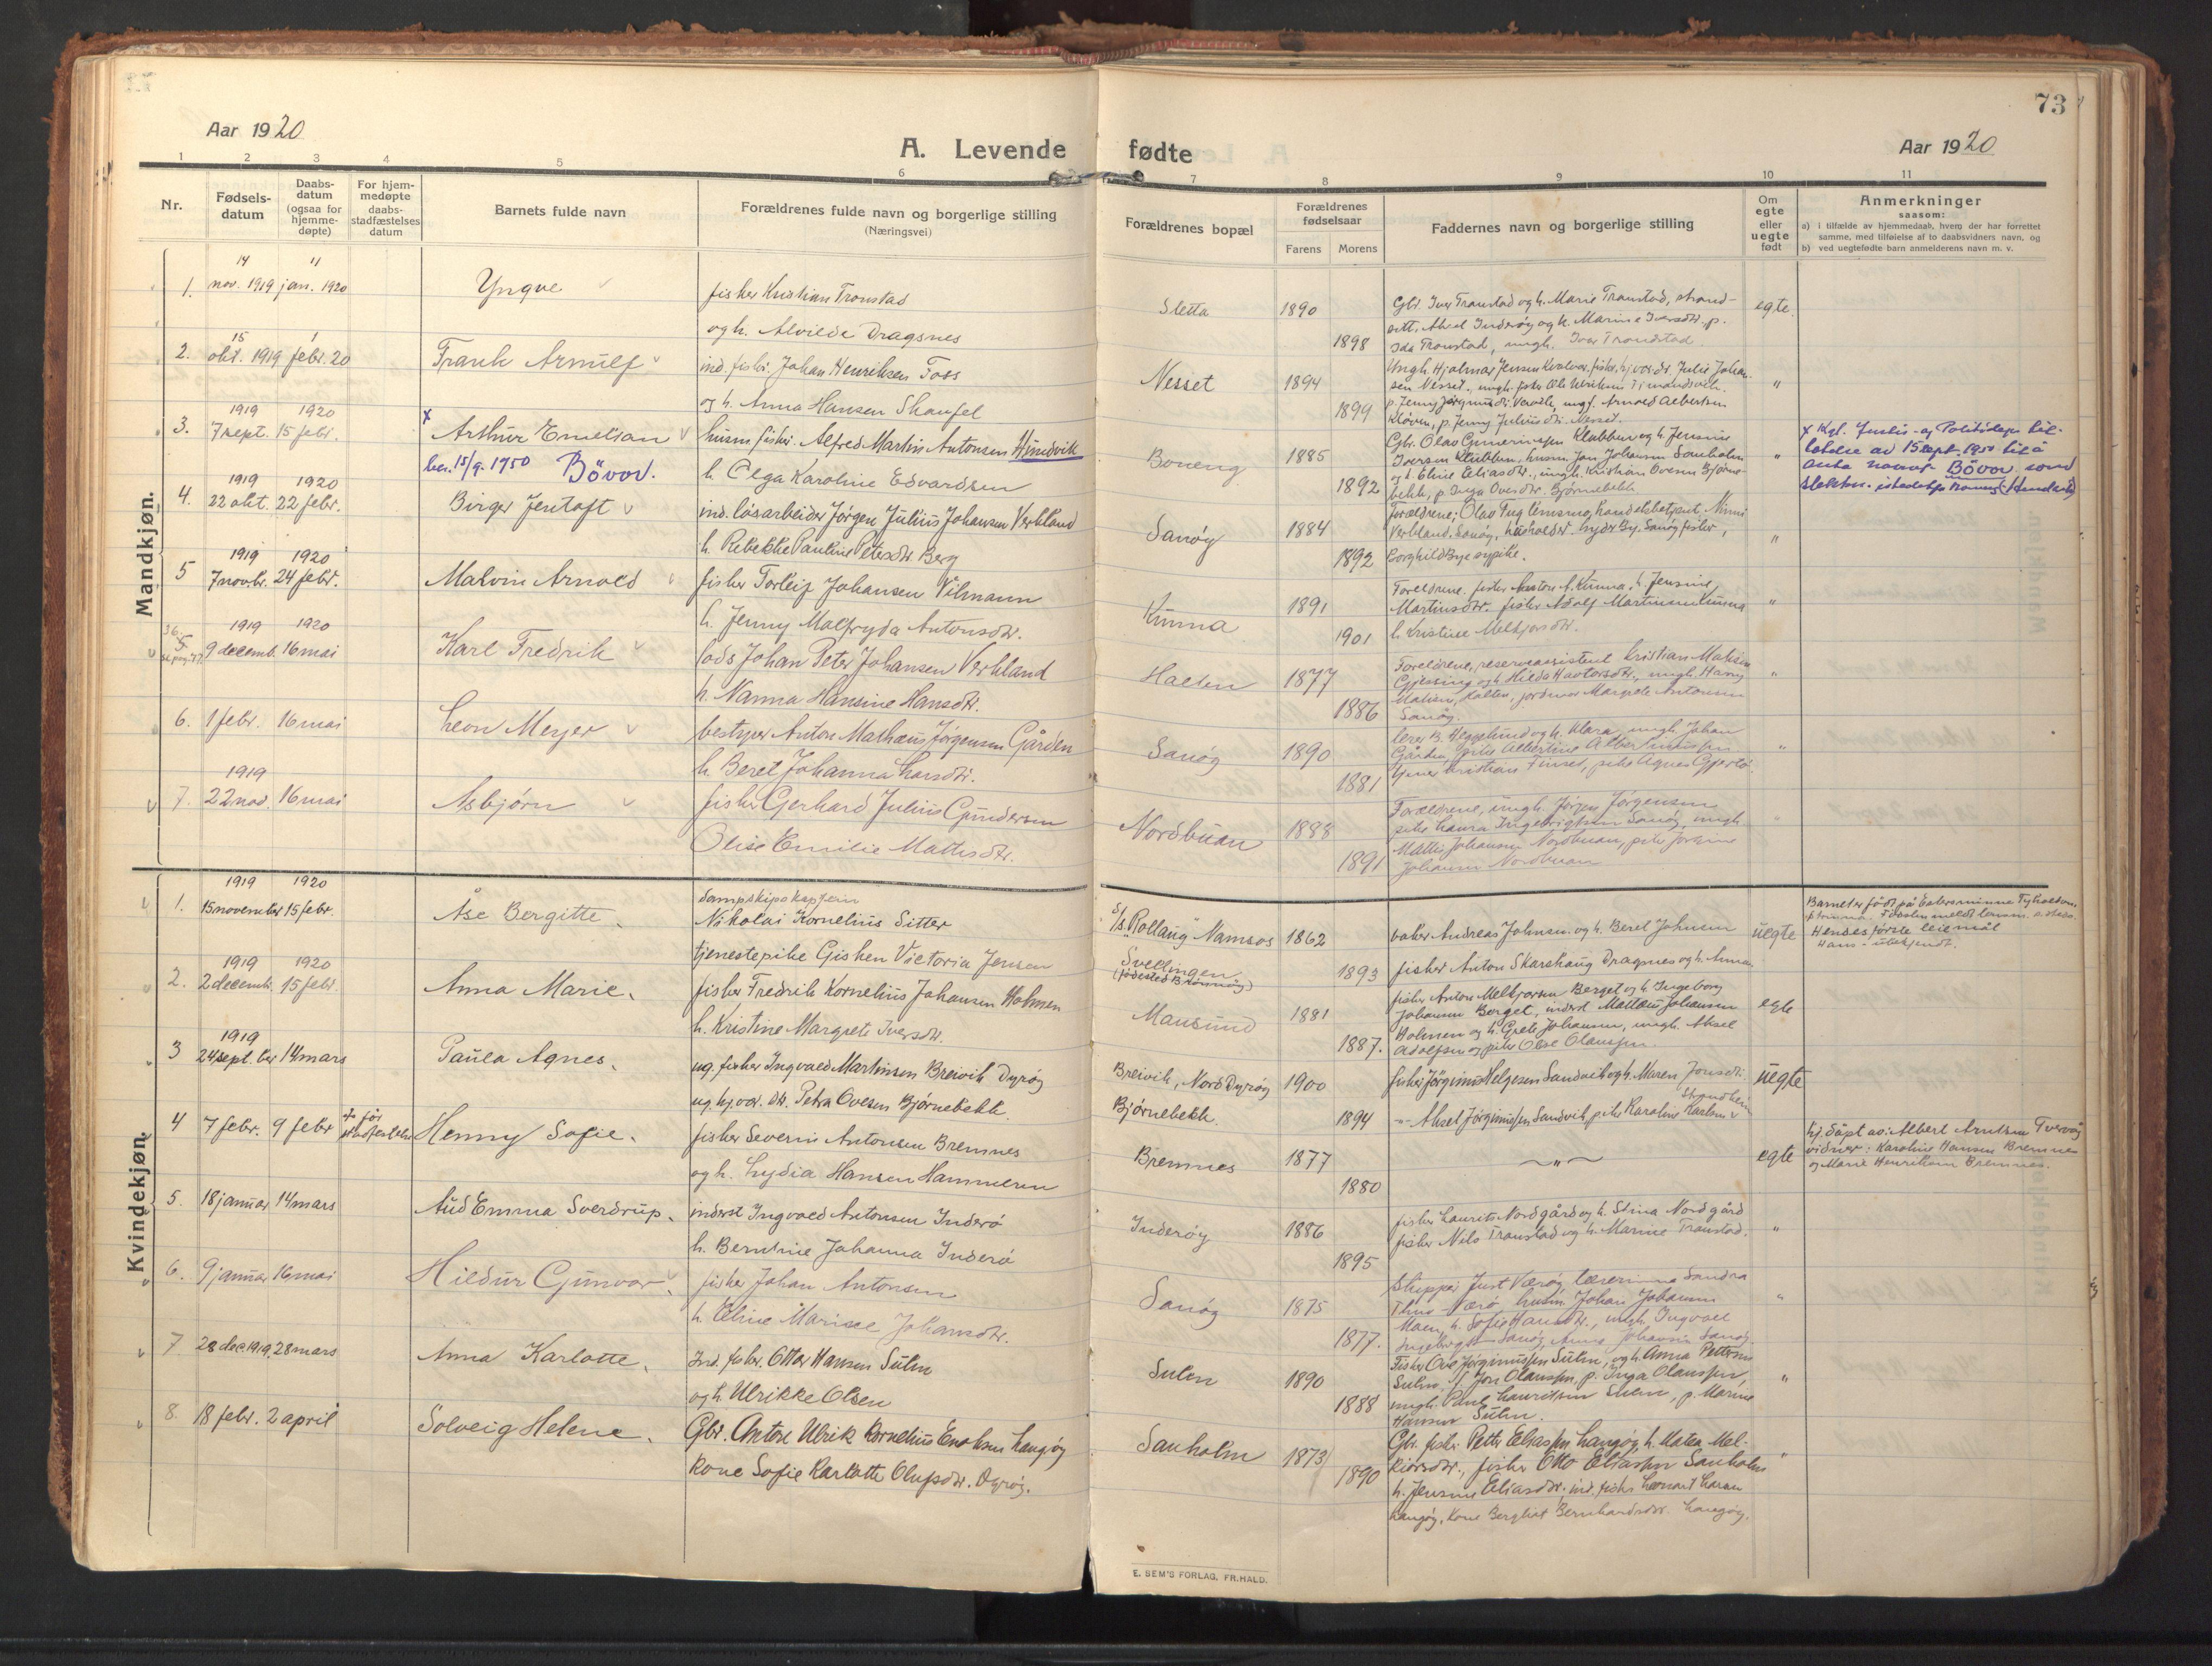 SAT, Ministerialprotokoller, klokkerbøker og fødselsregistre - Sør-Trøndelag, 640/L0581: Ministerialbok nr. 640A06, 1910-1924, s. 73